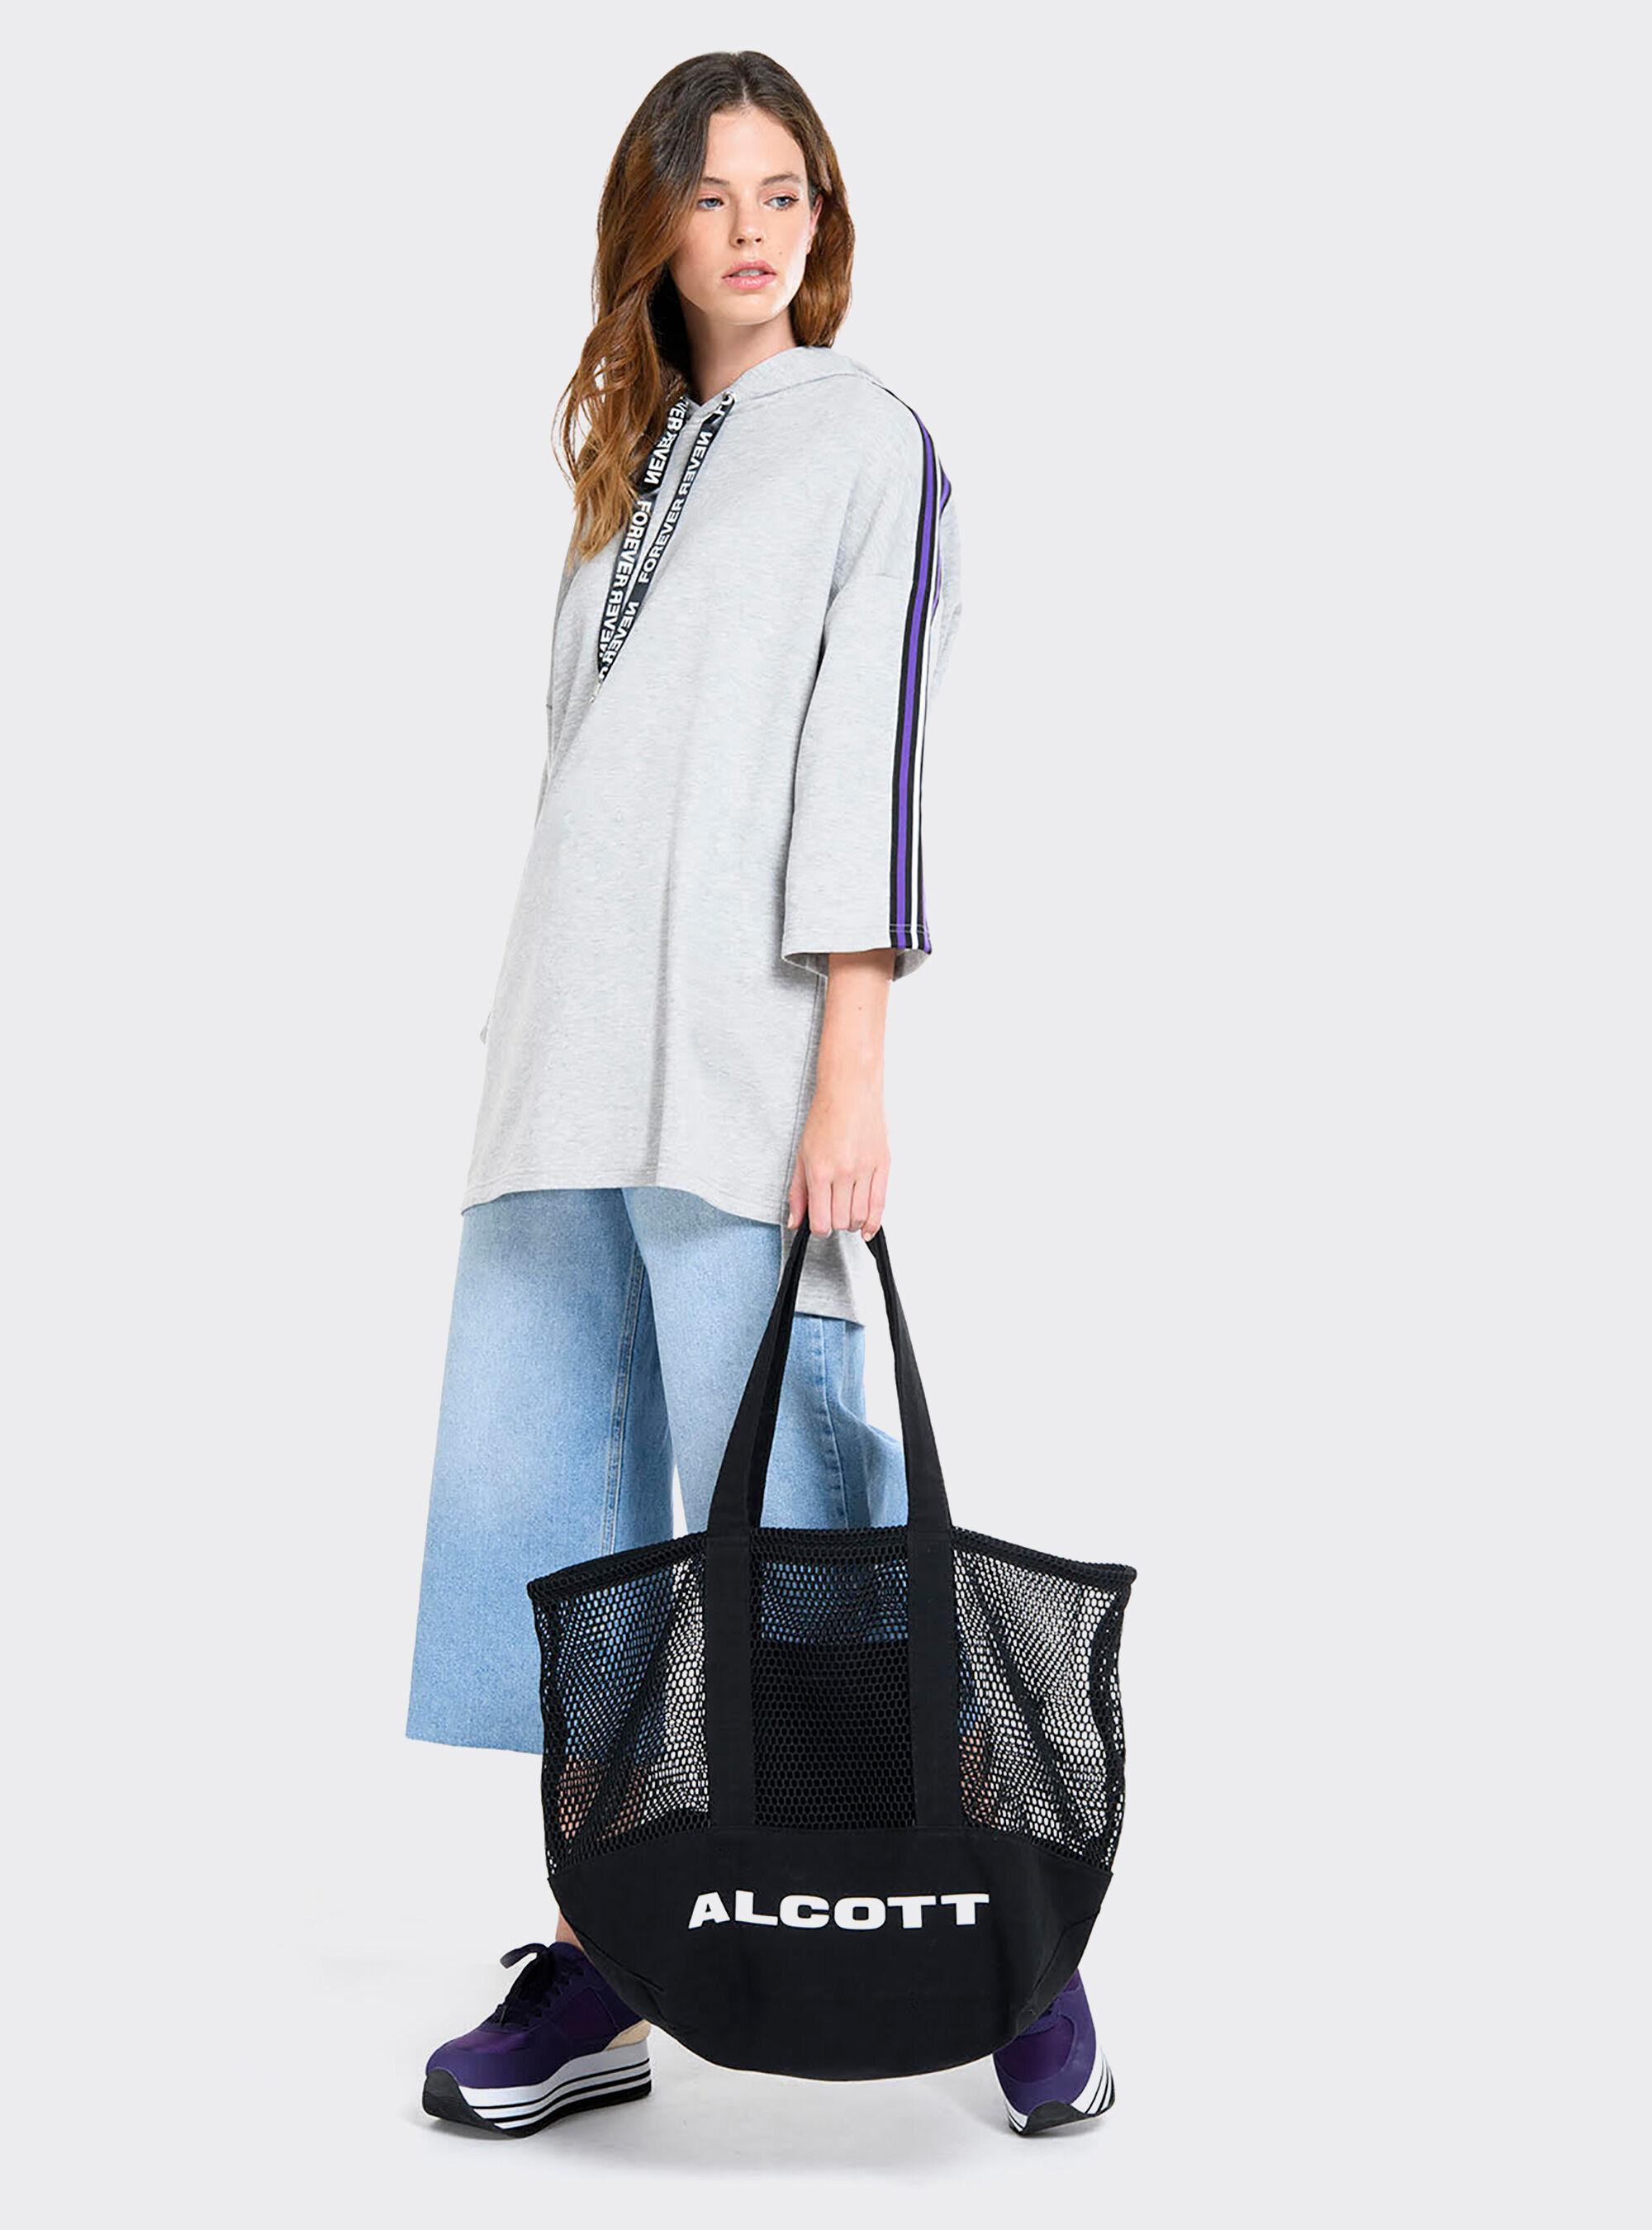 Borse da Donna: tutti i modelli | Acquista online su Alcott